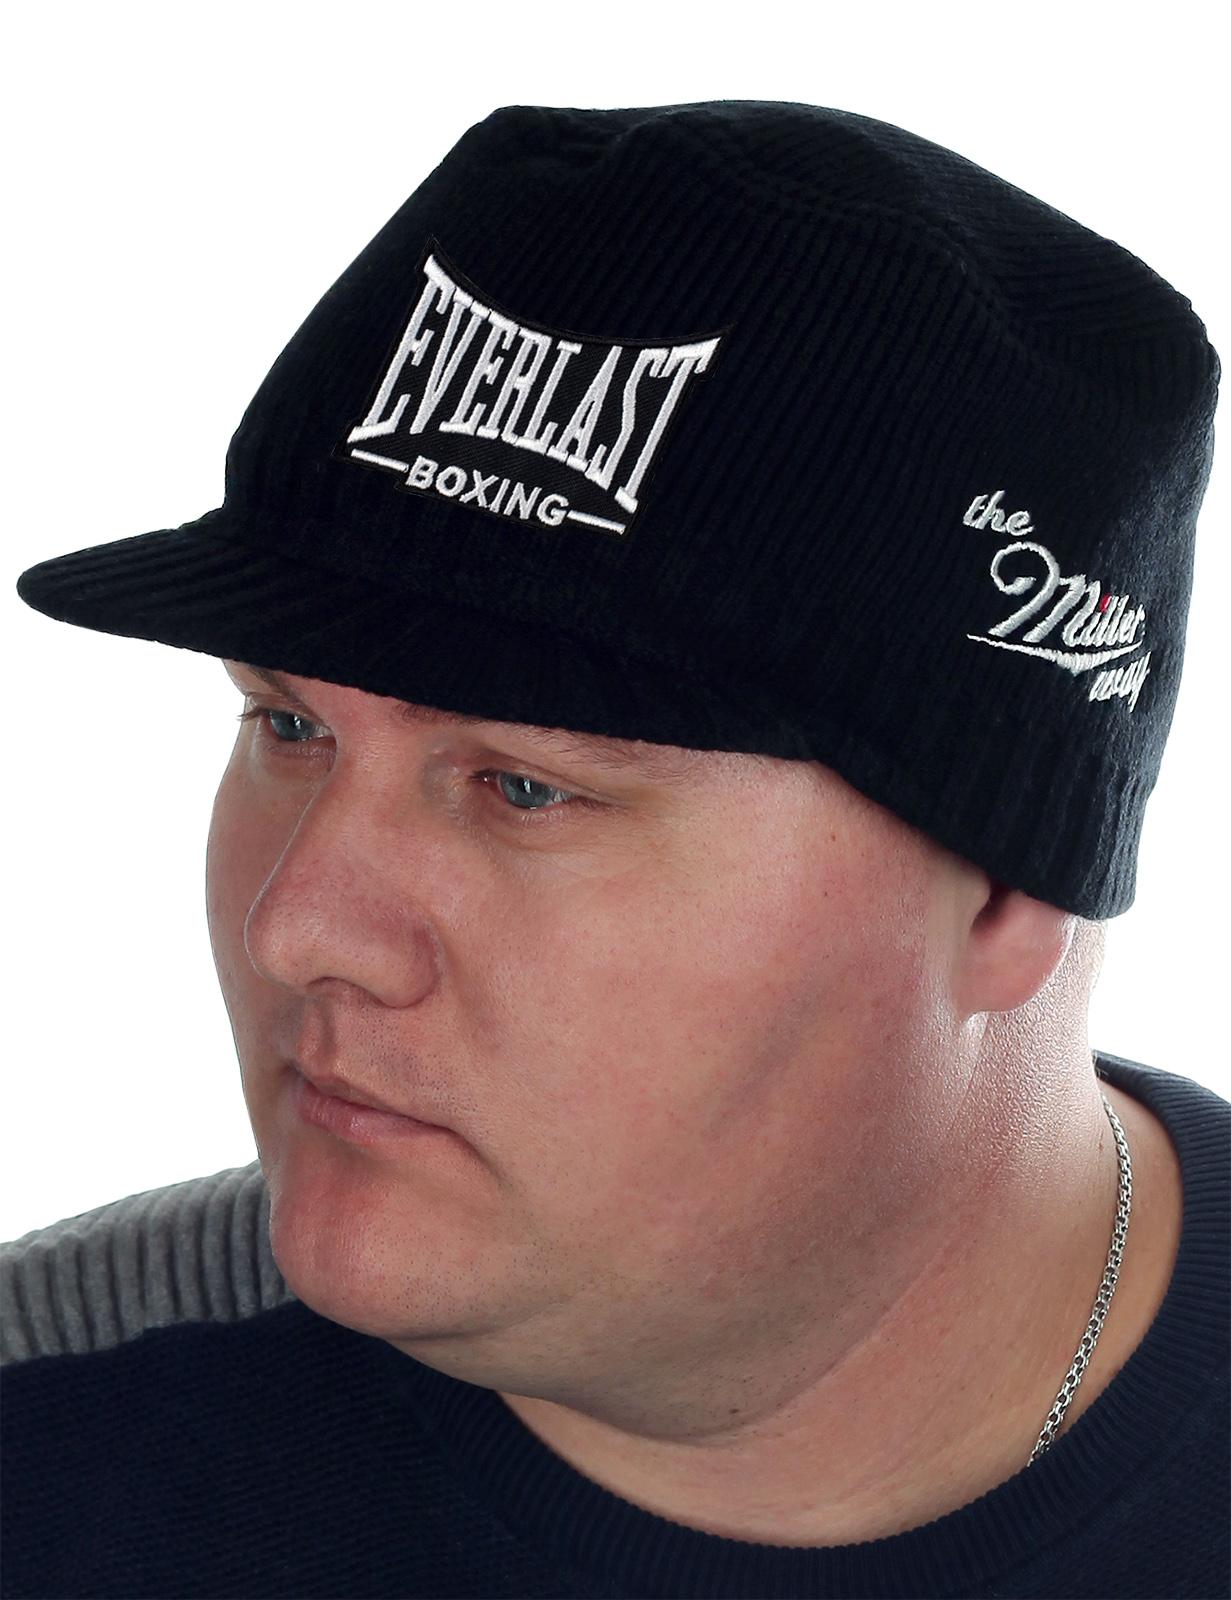 Спортивная шапка-кепка Miller Way с узнаваемой во всем мире эмблемой Everlast boxing. Мода меняется, но классических фасонов это не касается! Кепка отлично садится даже без зеркала!